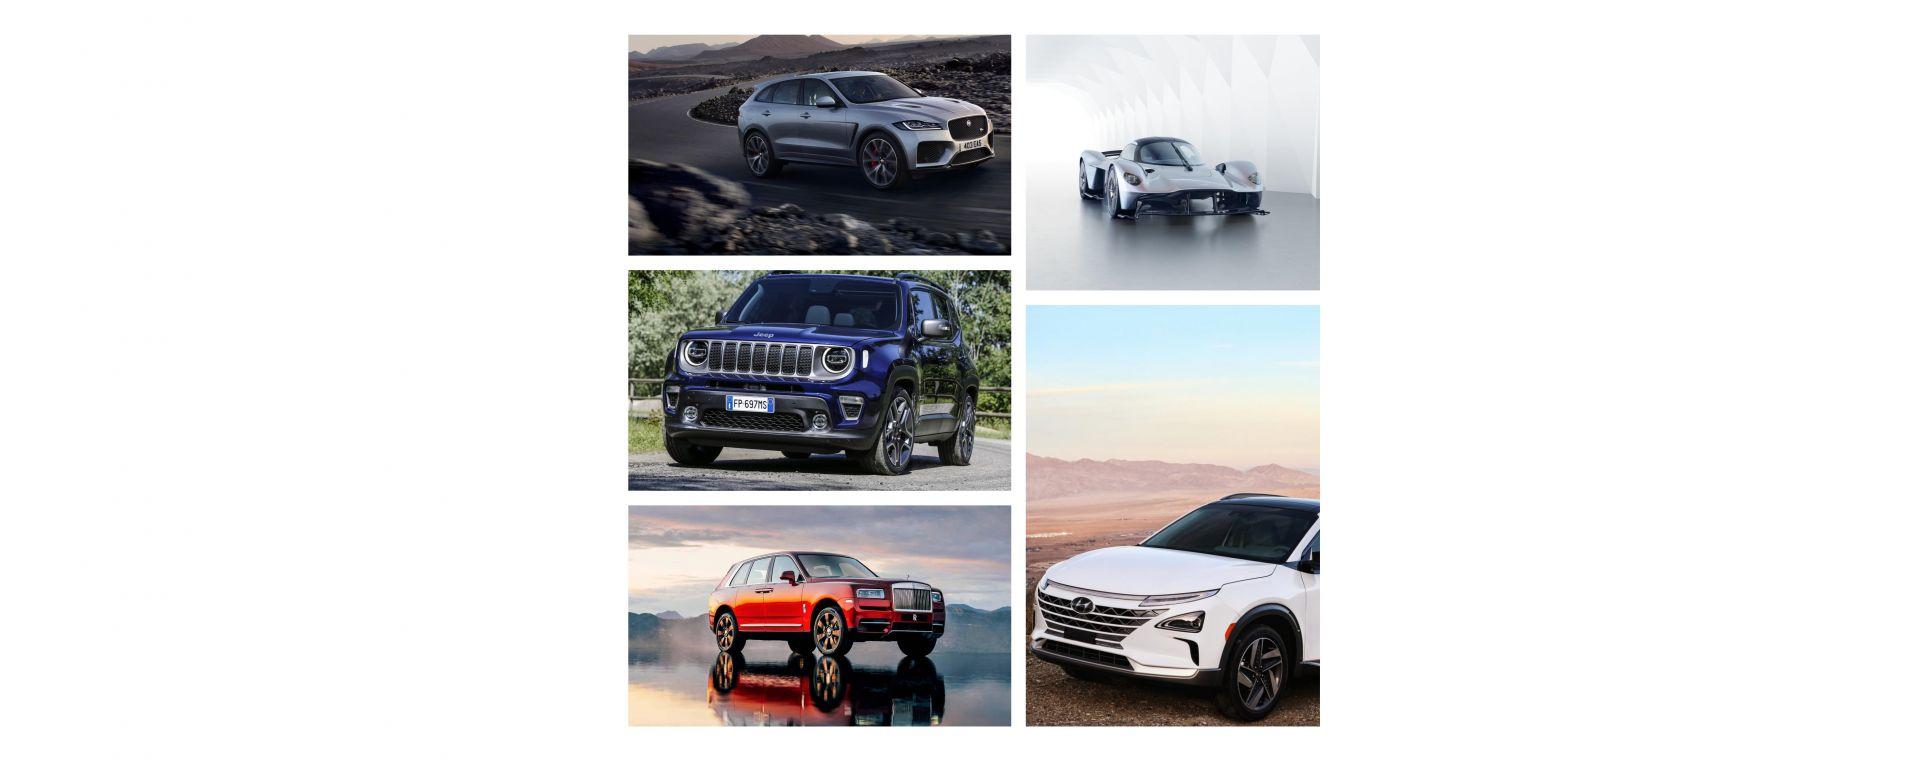 Novità auto 2018: quando escono? Il calendario delle uscite